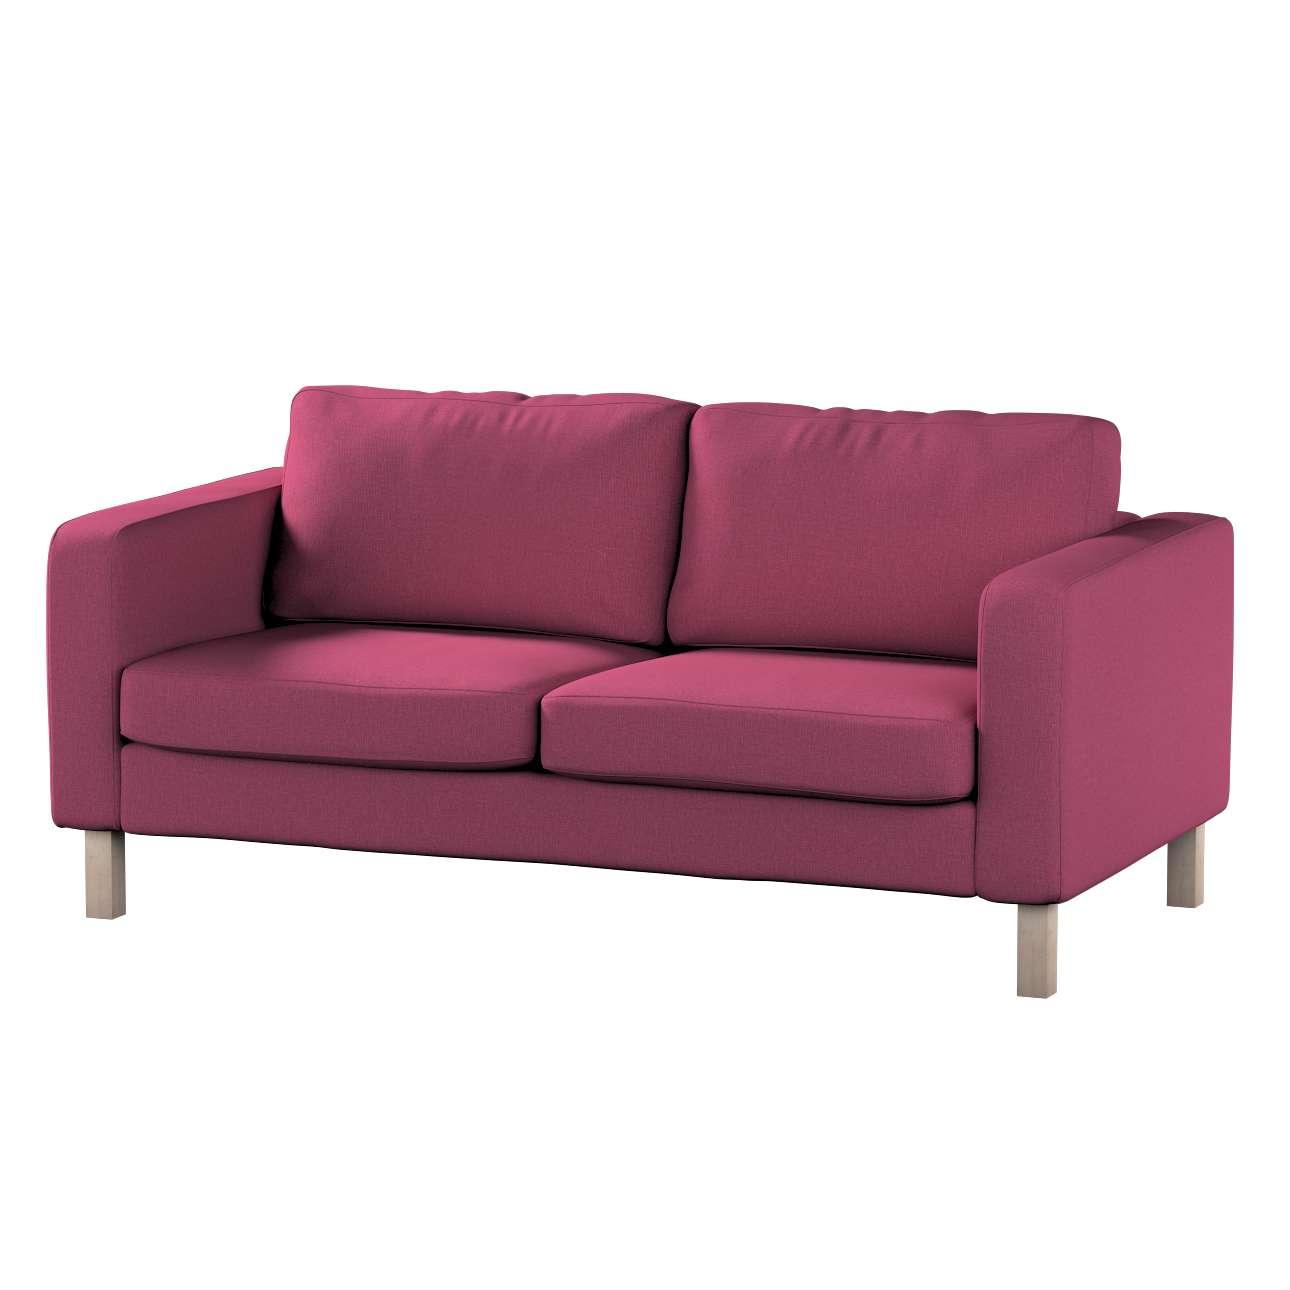 Pokrowiec na sofę Karlstad 2-osobową nierozkładaną krótki w kolekcji Living, tkanina: 160-44